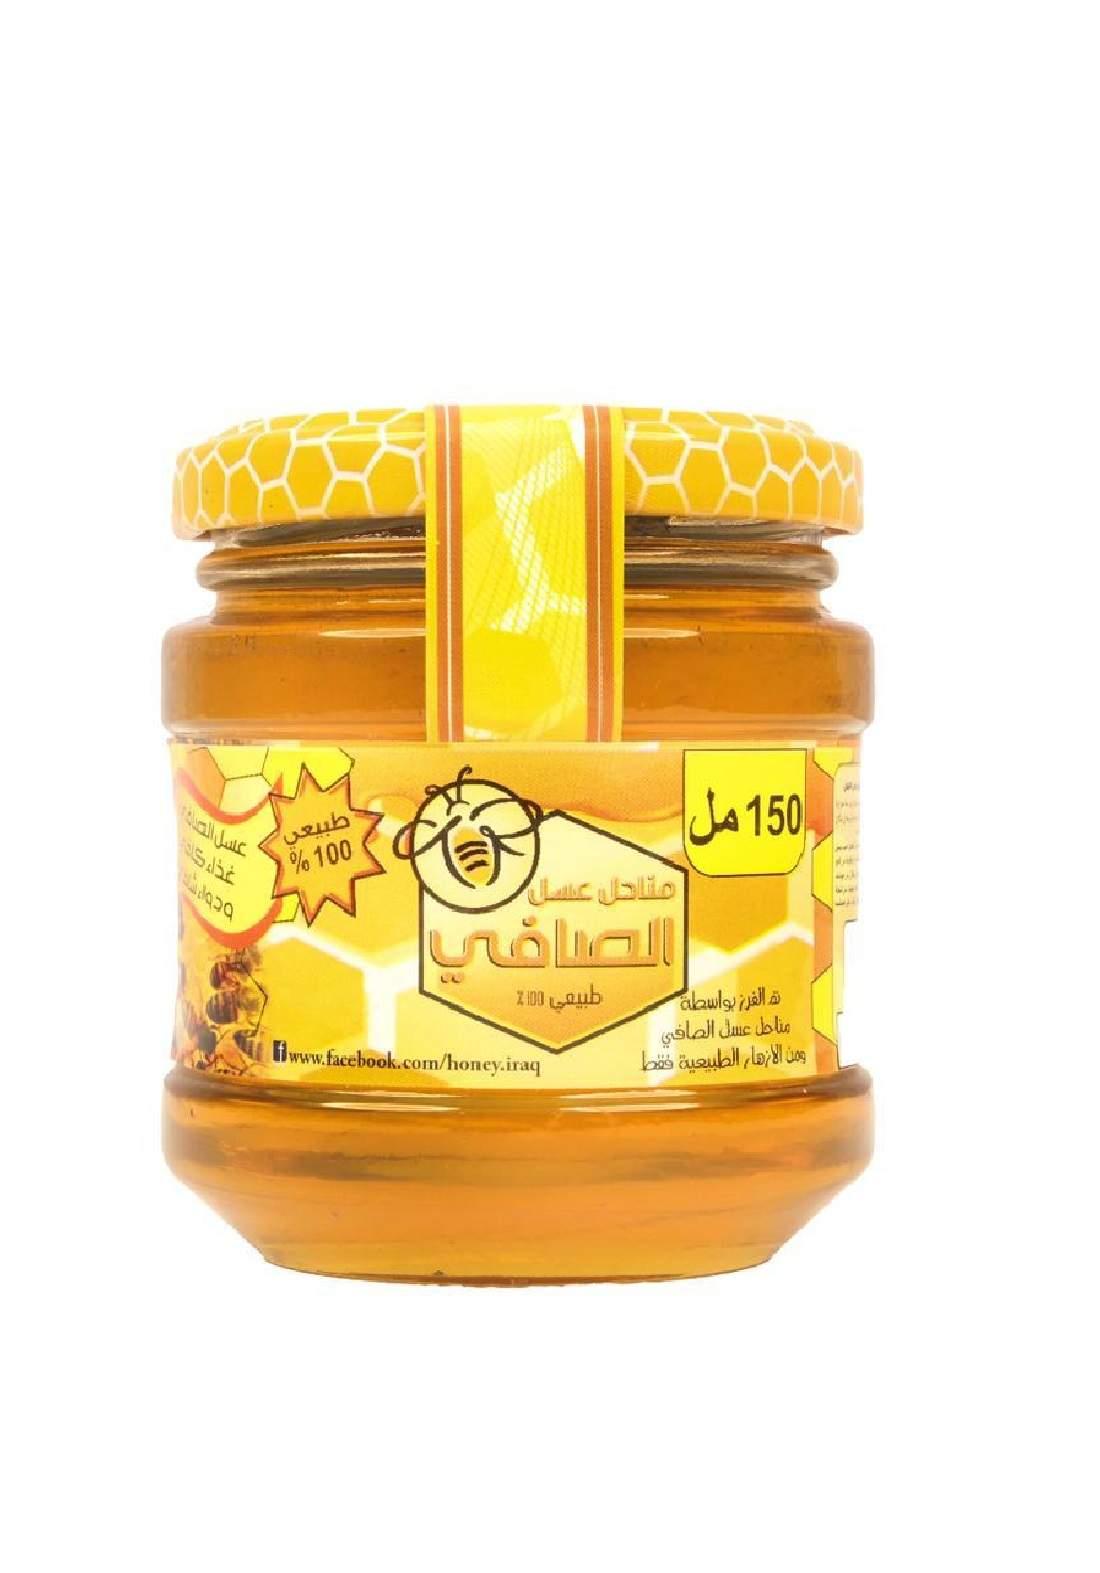 Alsafi Eucalyptus Blossoms Honey 150 ml  عسل الكالبتوز الطبيعي